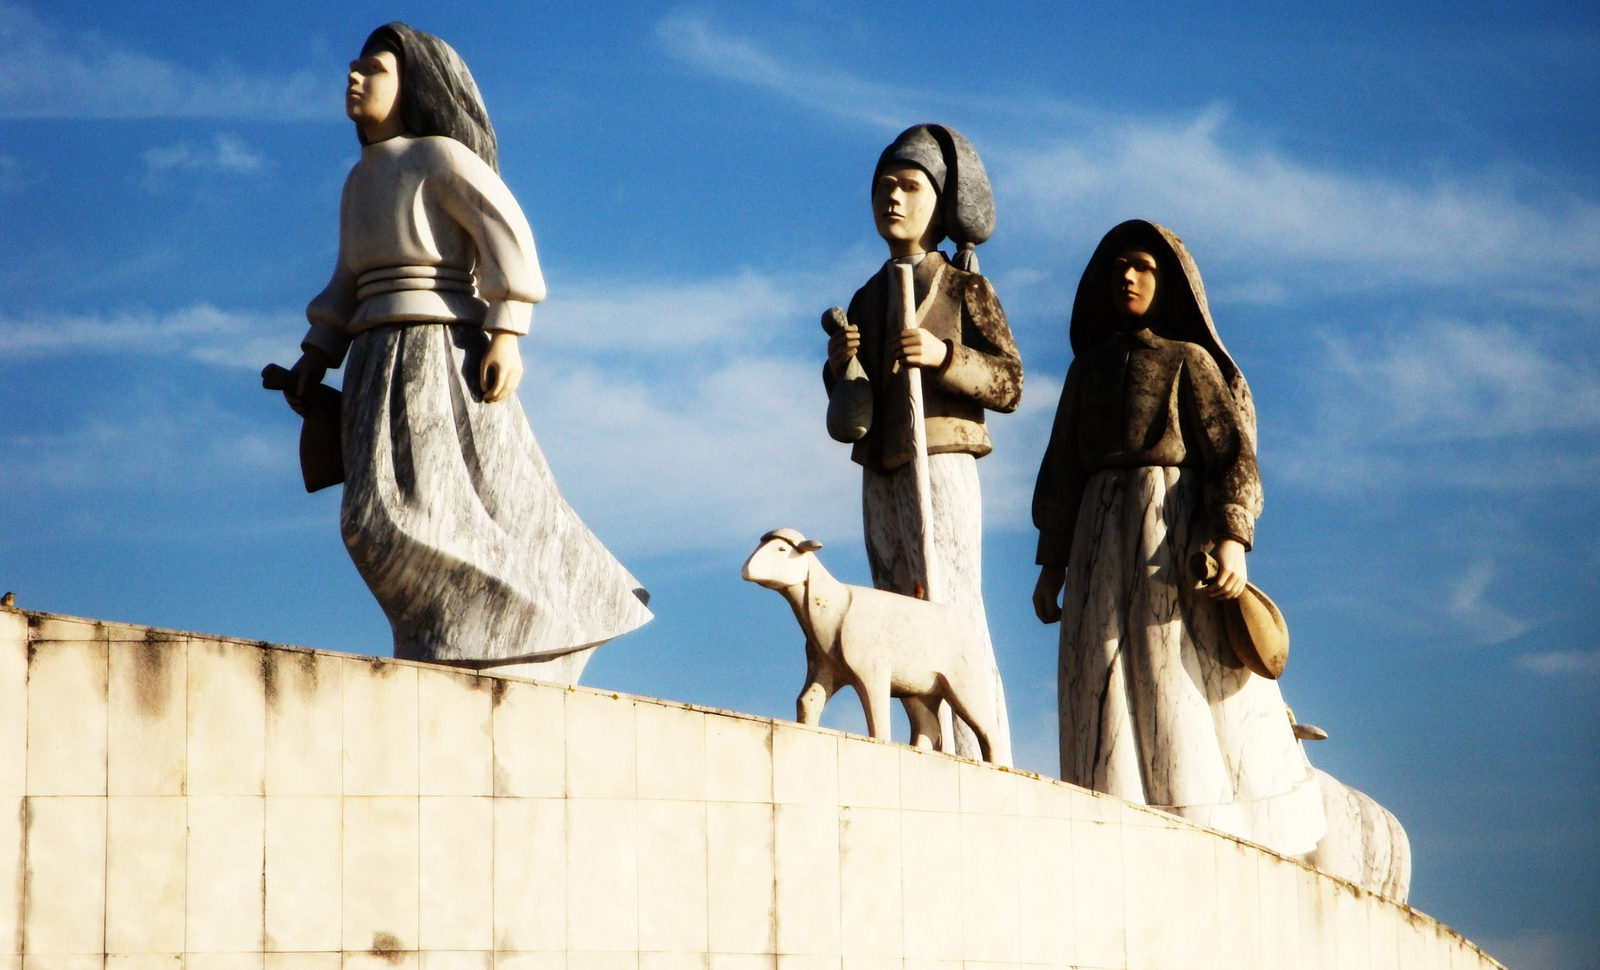 El Por qué y el Cómo de la Devoción de los 5 primeros Sábados [que pidió Fátima]